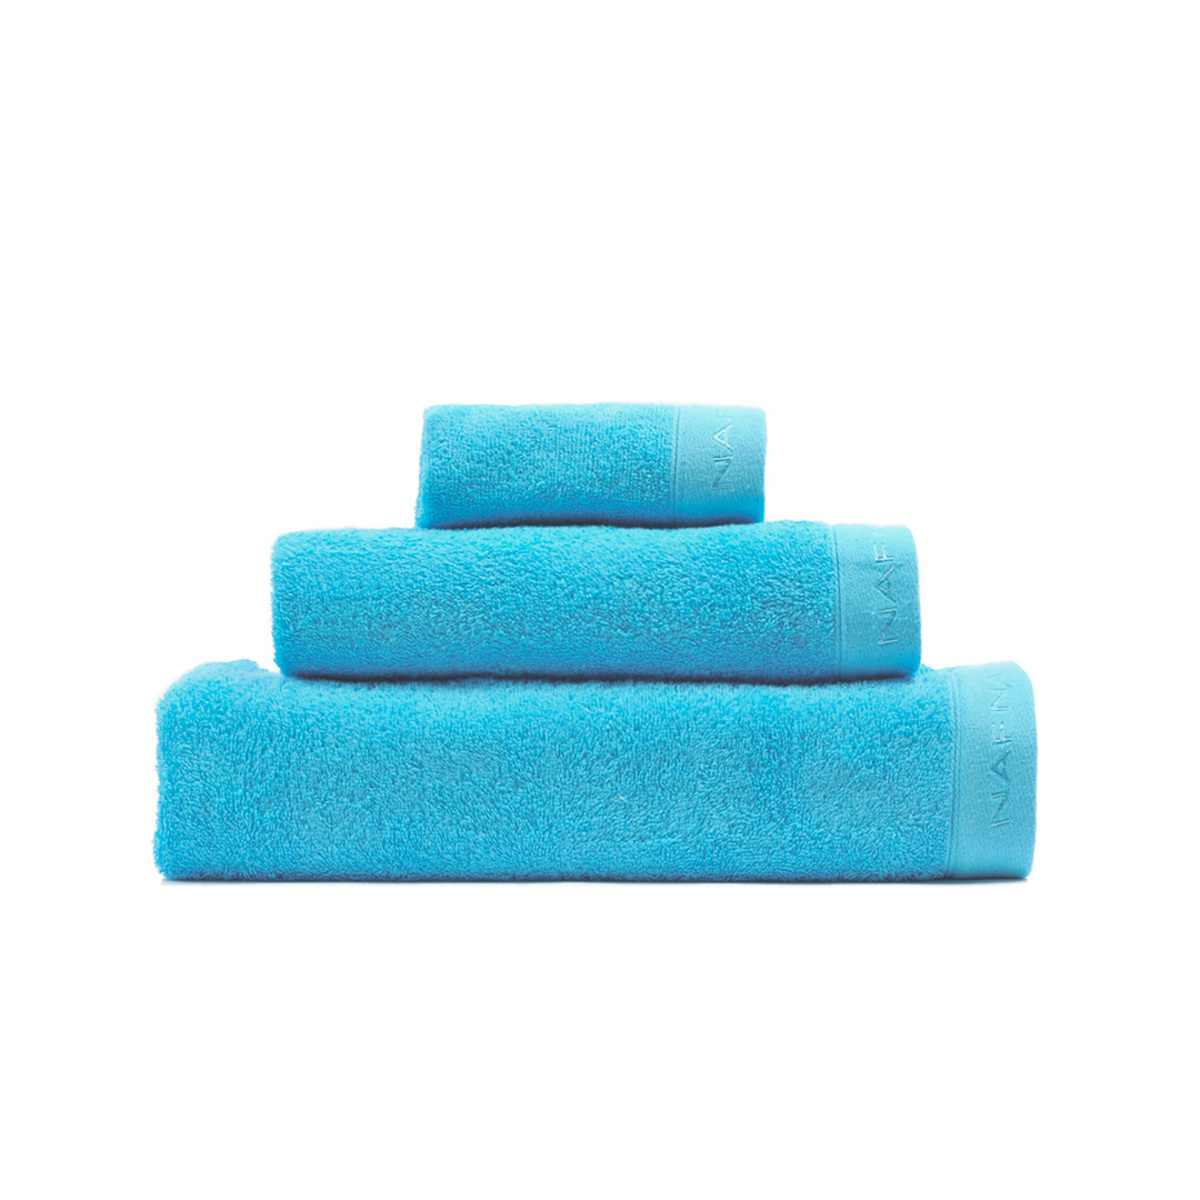 CASUAL - Set de bain trois pièces turquoise